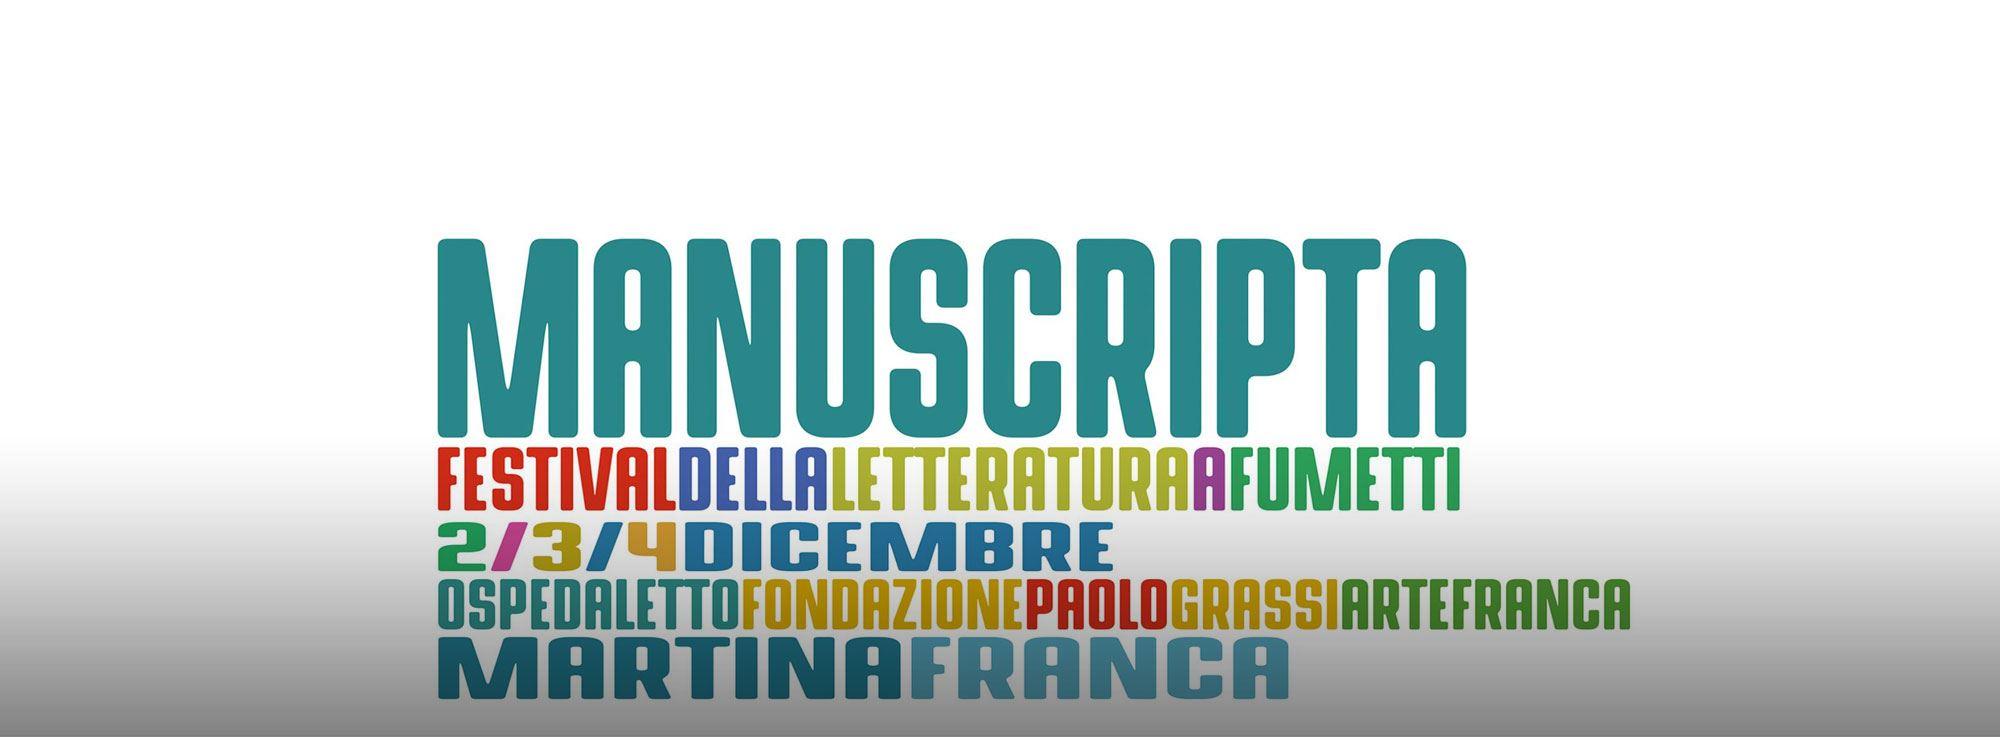 Martina Franca: Manuscripta, Festival della letteratura a fumetti